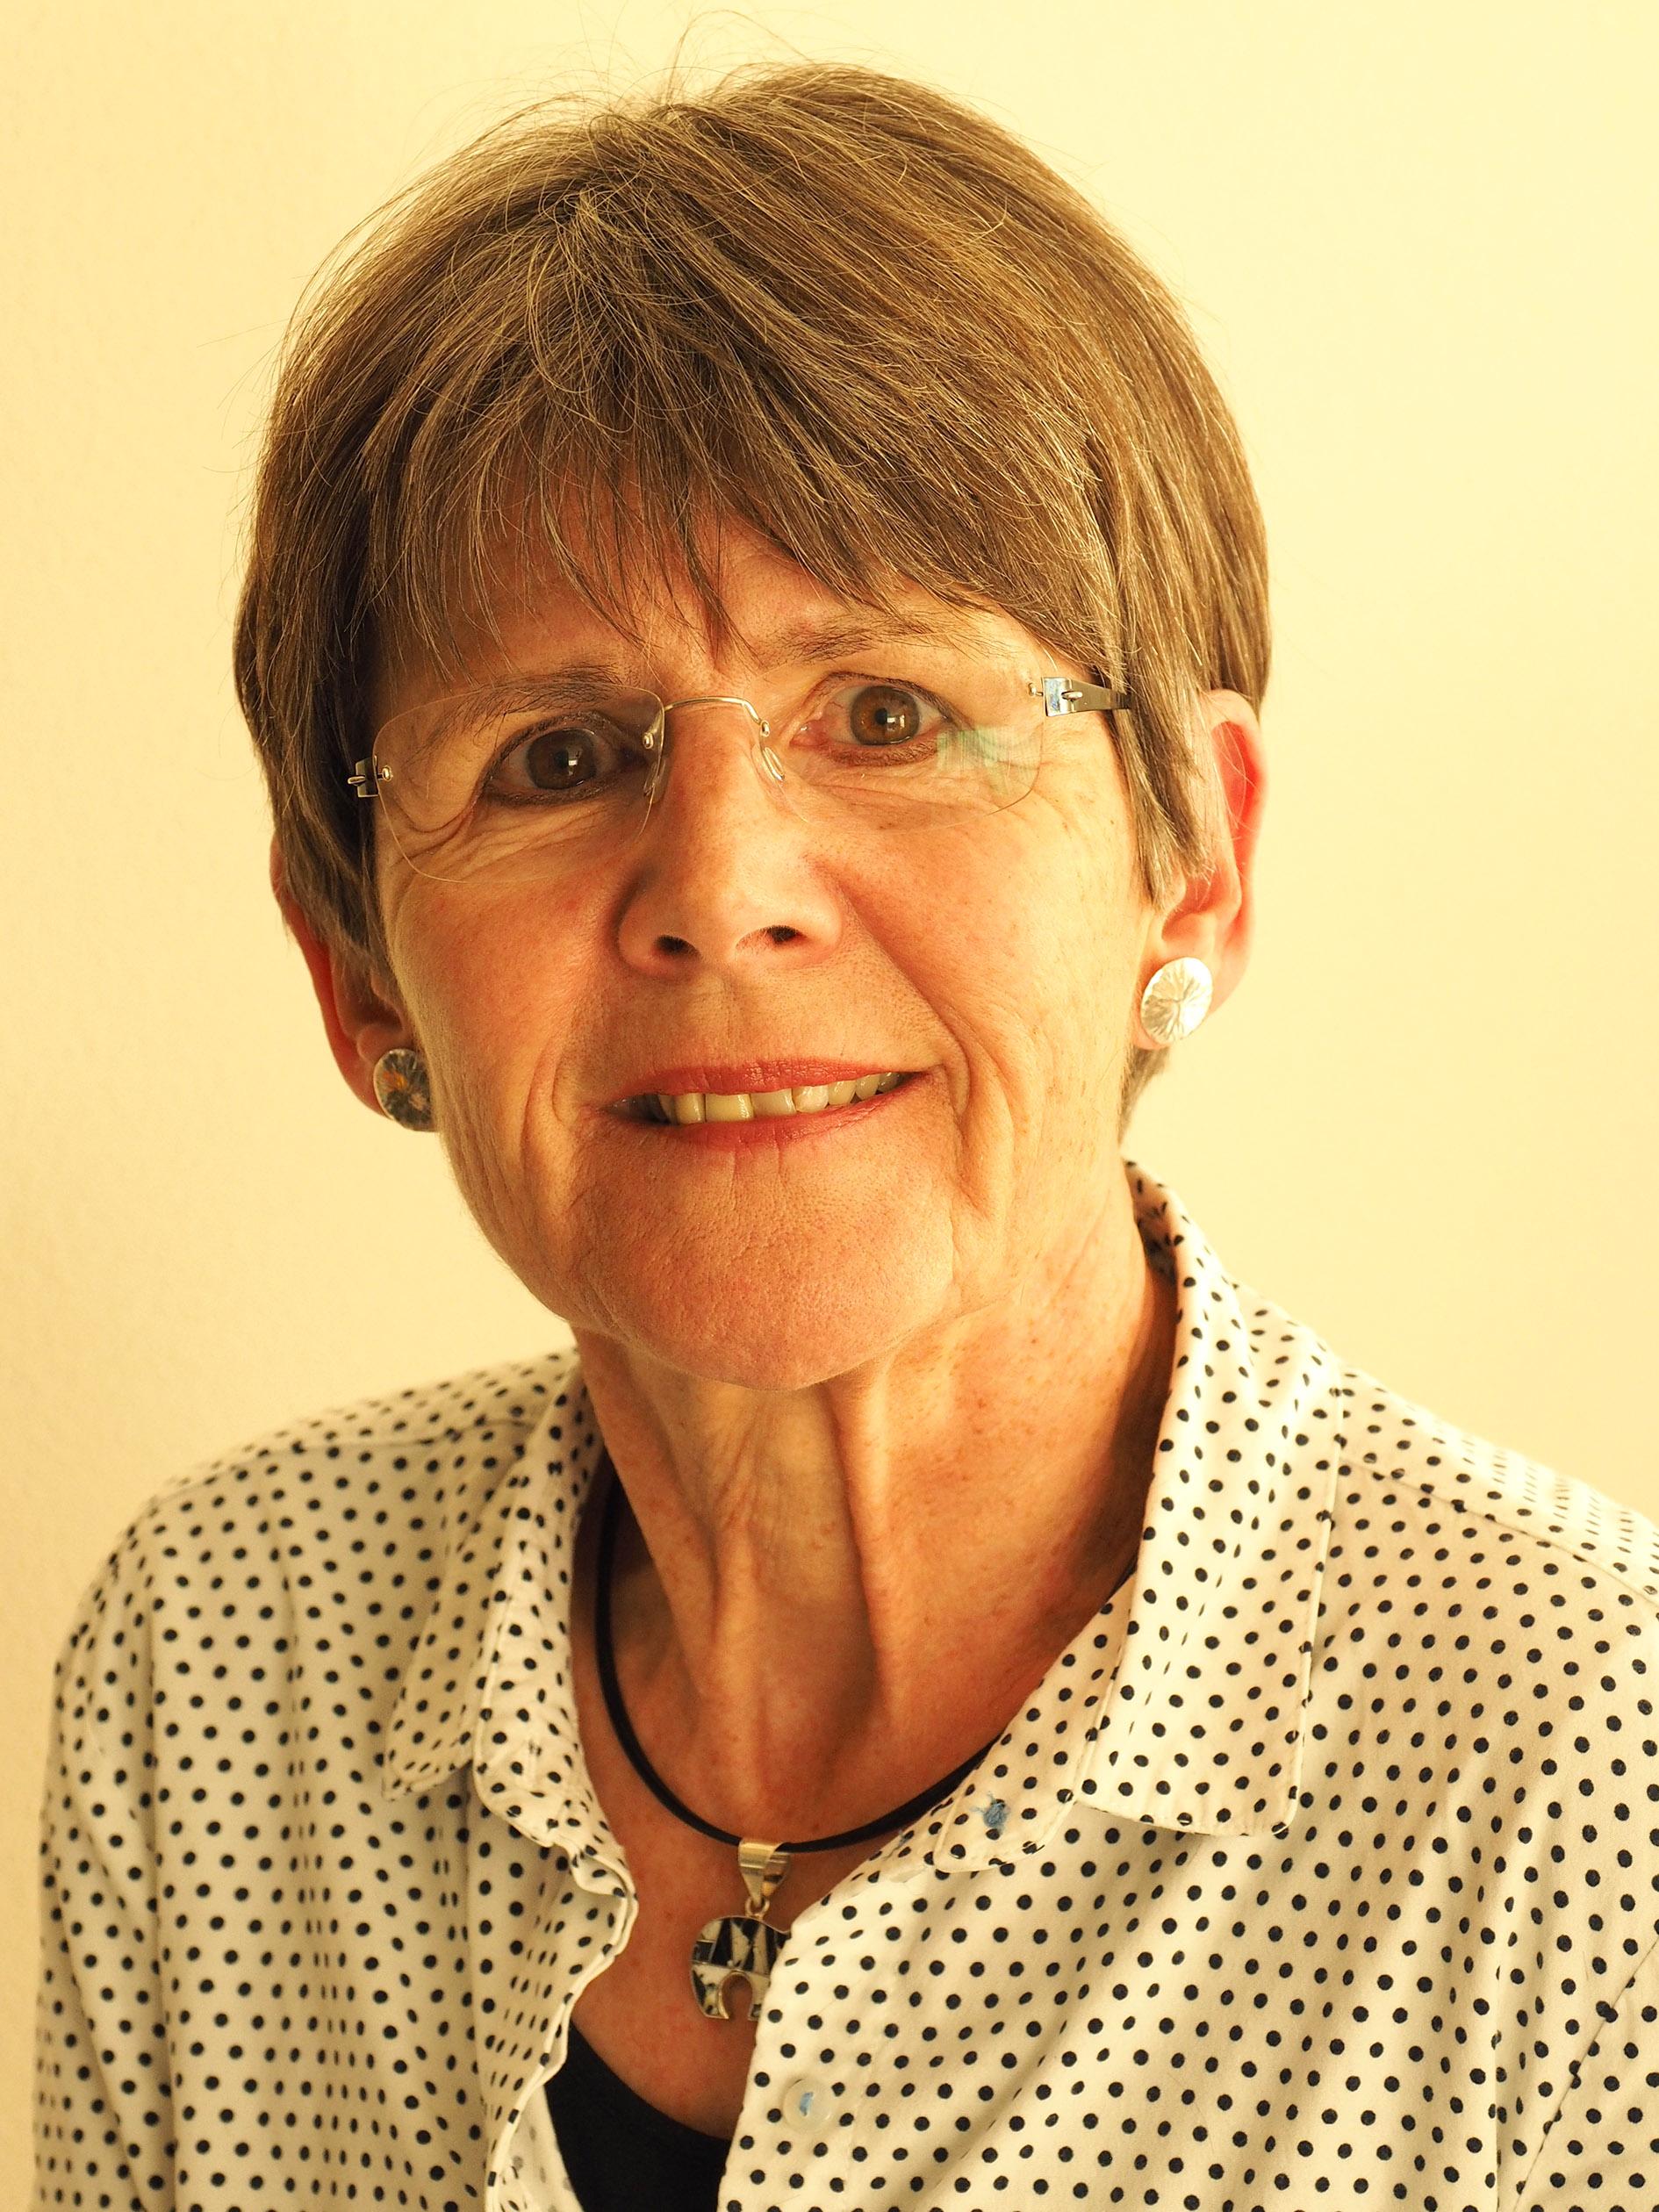 Prof. Dr. Marianne Geiser Kamber, Institut für Anatomie, Universität Bern. Bild: zvg